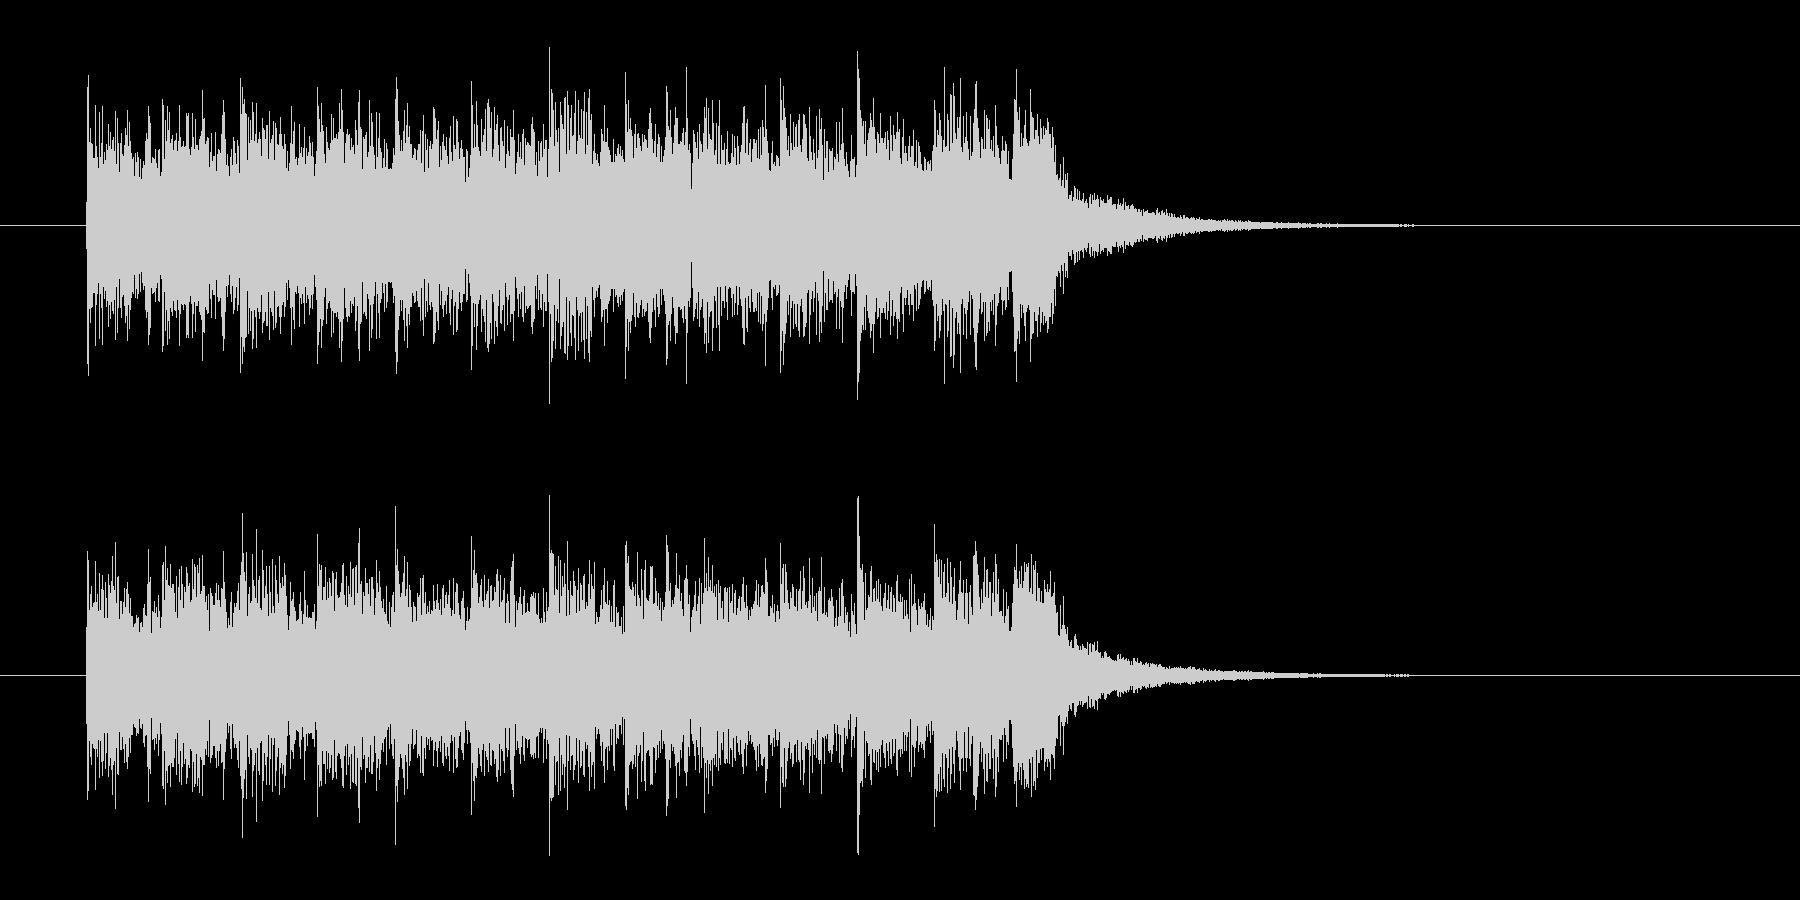 パンクロック調のジングル曲、サウンドロゴの未再生の波形